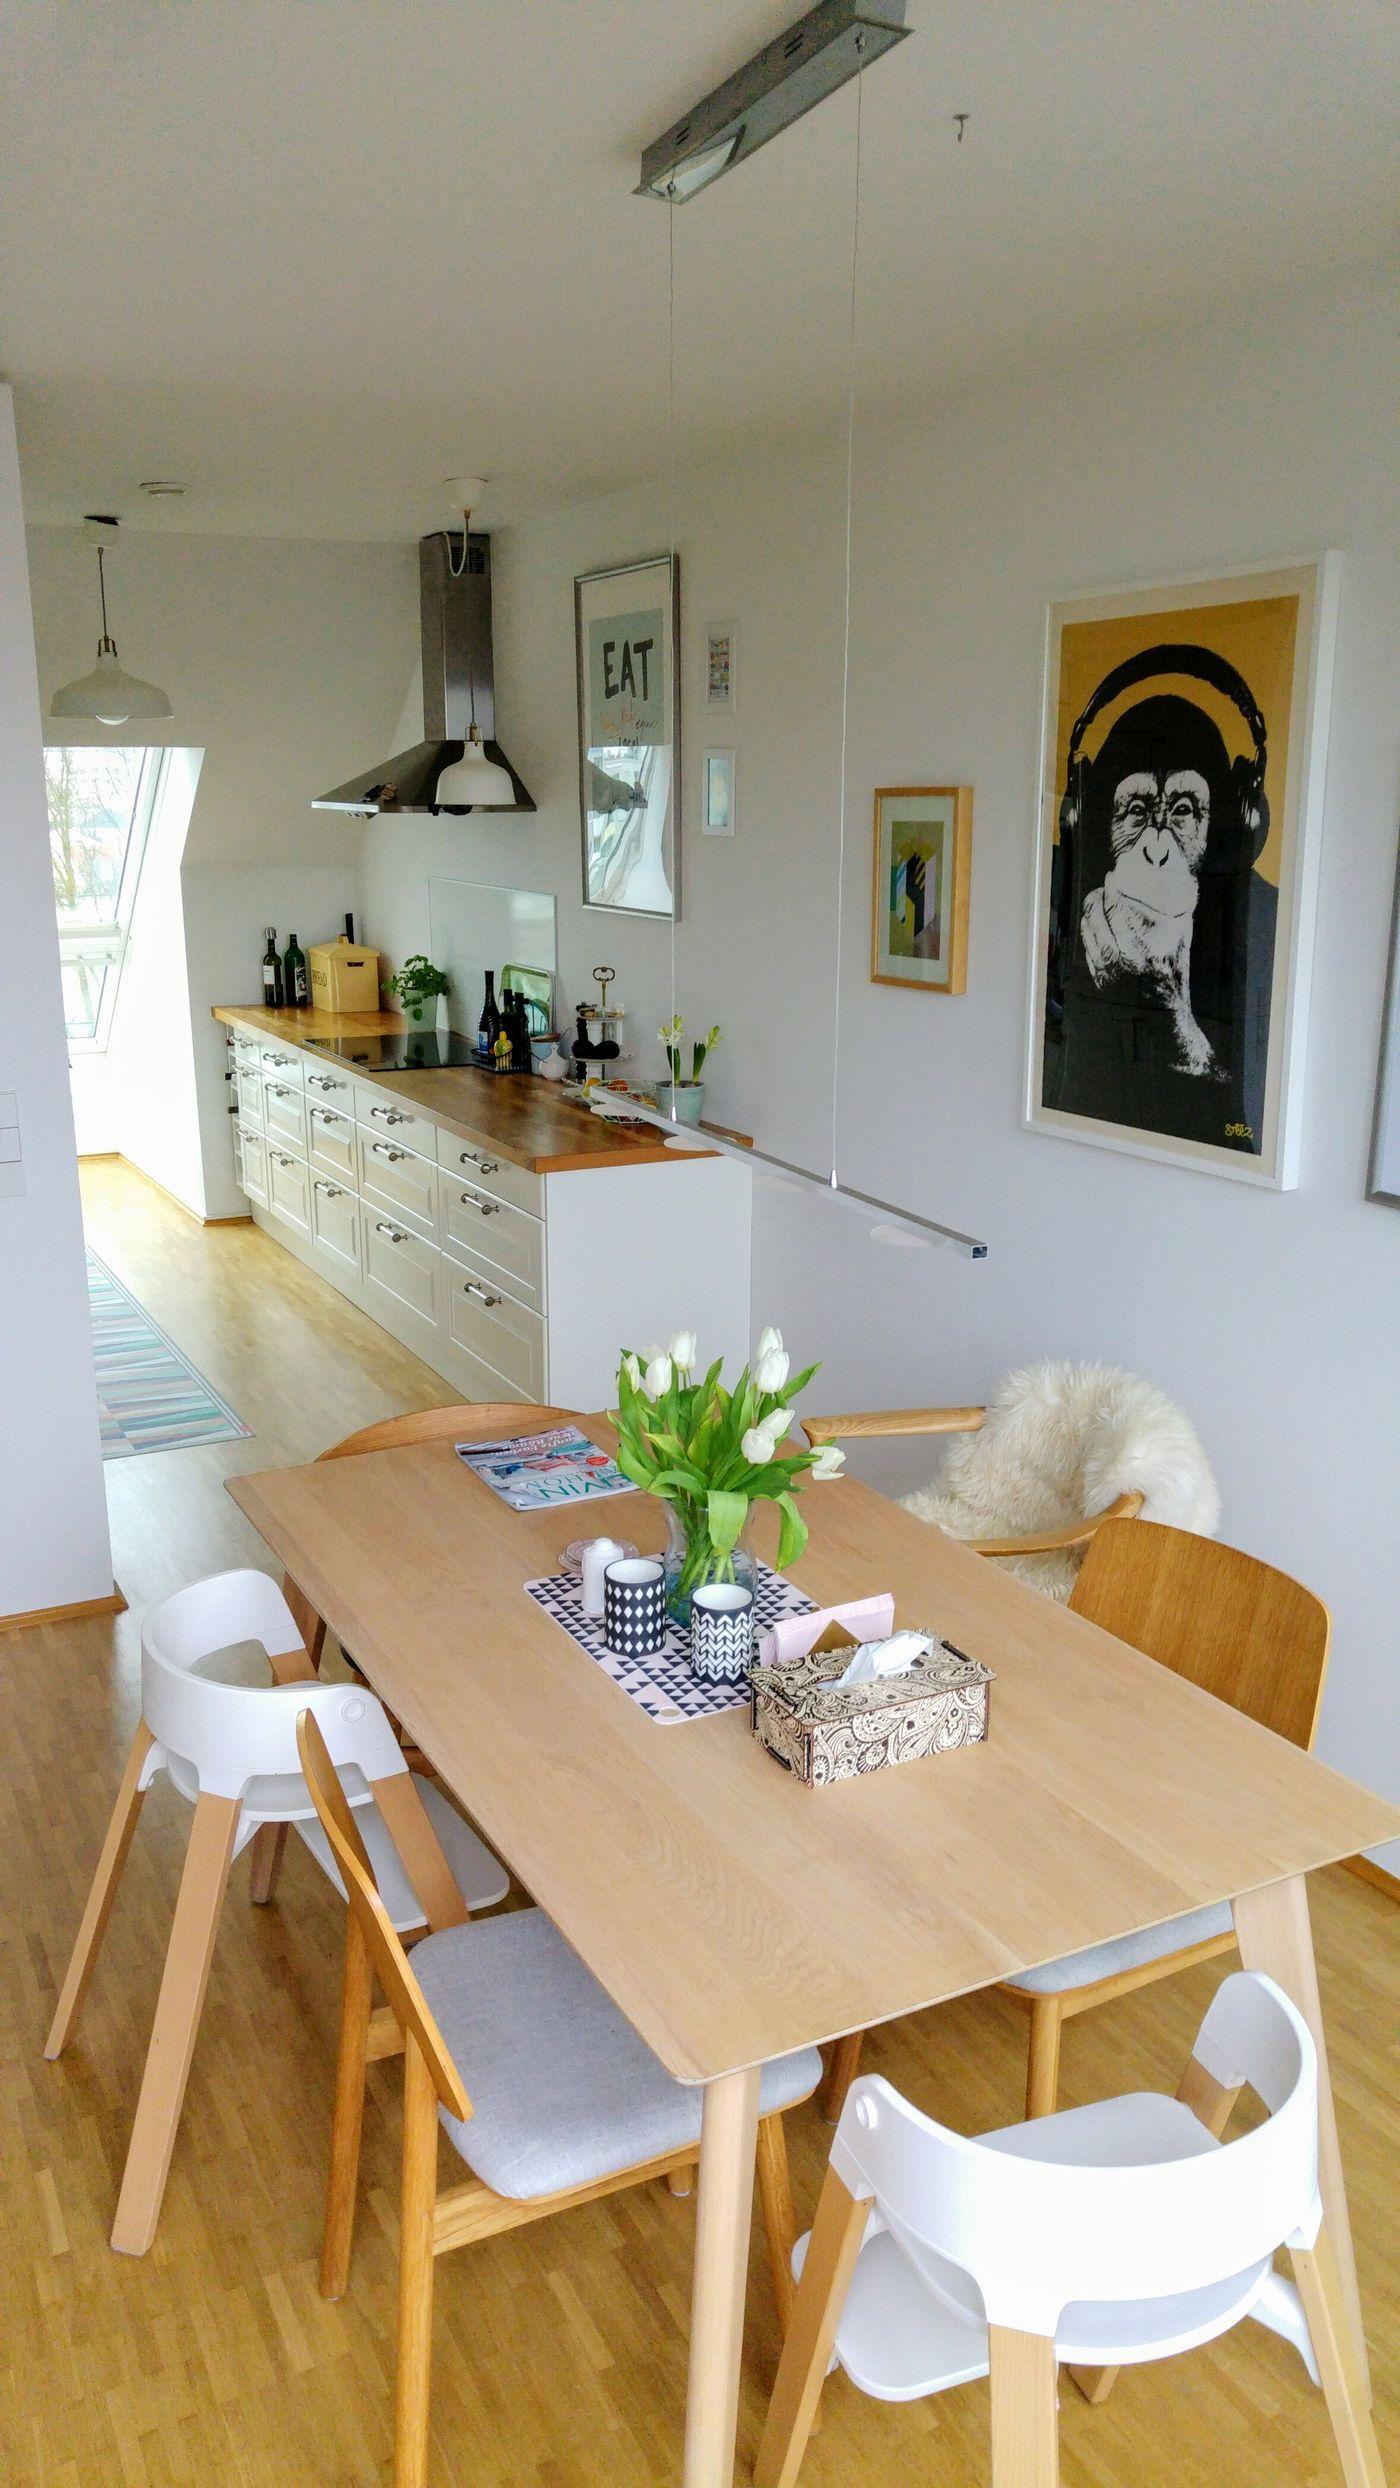 Ikea Kuchen Tolle Tipps Und Ideen Fur Die Kuchenplanung Seite 16